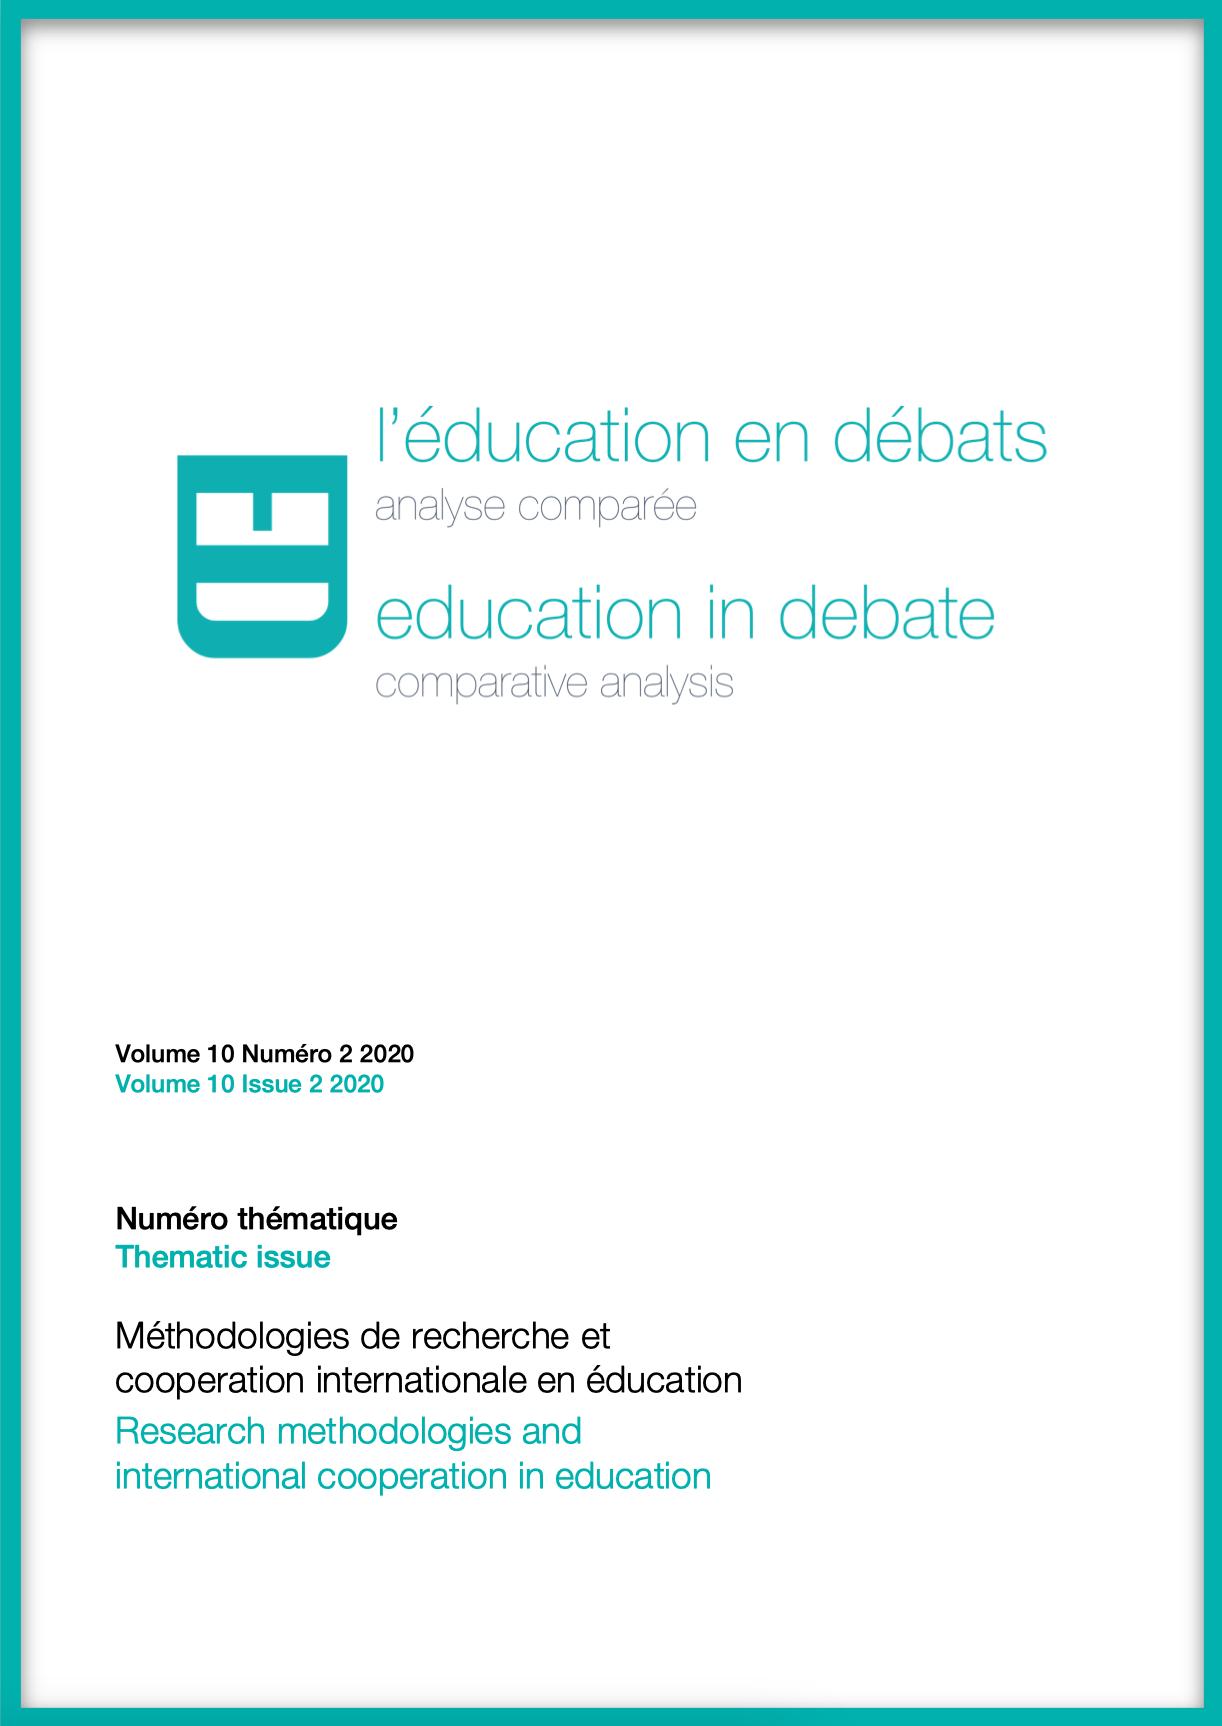 Afficher Vol. 10 No 2 (2020): Méthodologies de recherche et coopération internationale en éducation